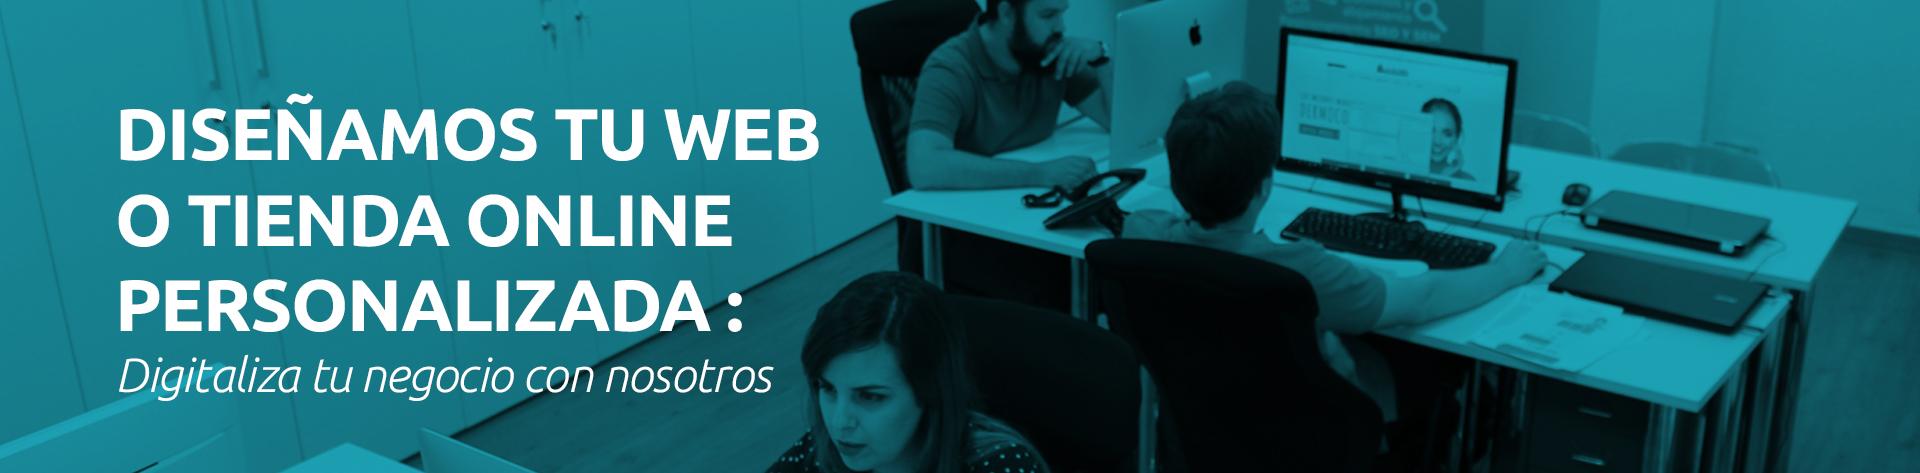 diseño-web-valencia-tienda-online-agencia-desarrollo-ecommerce-qmarketing